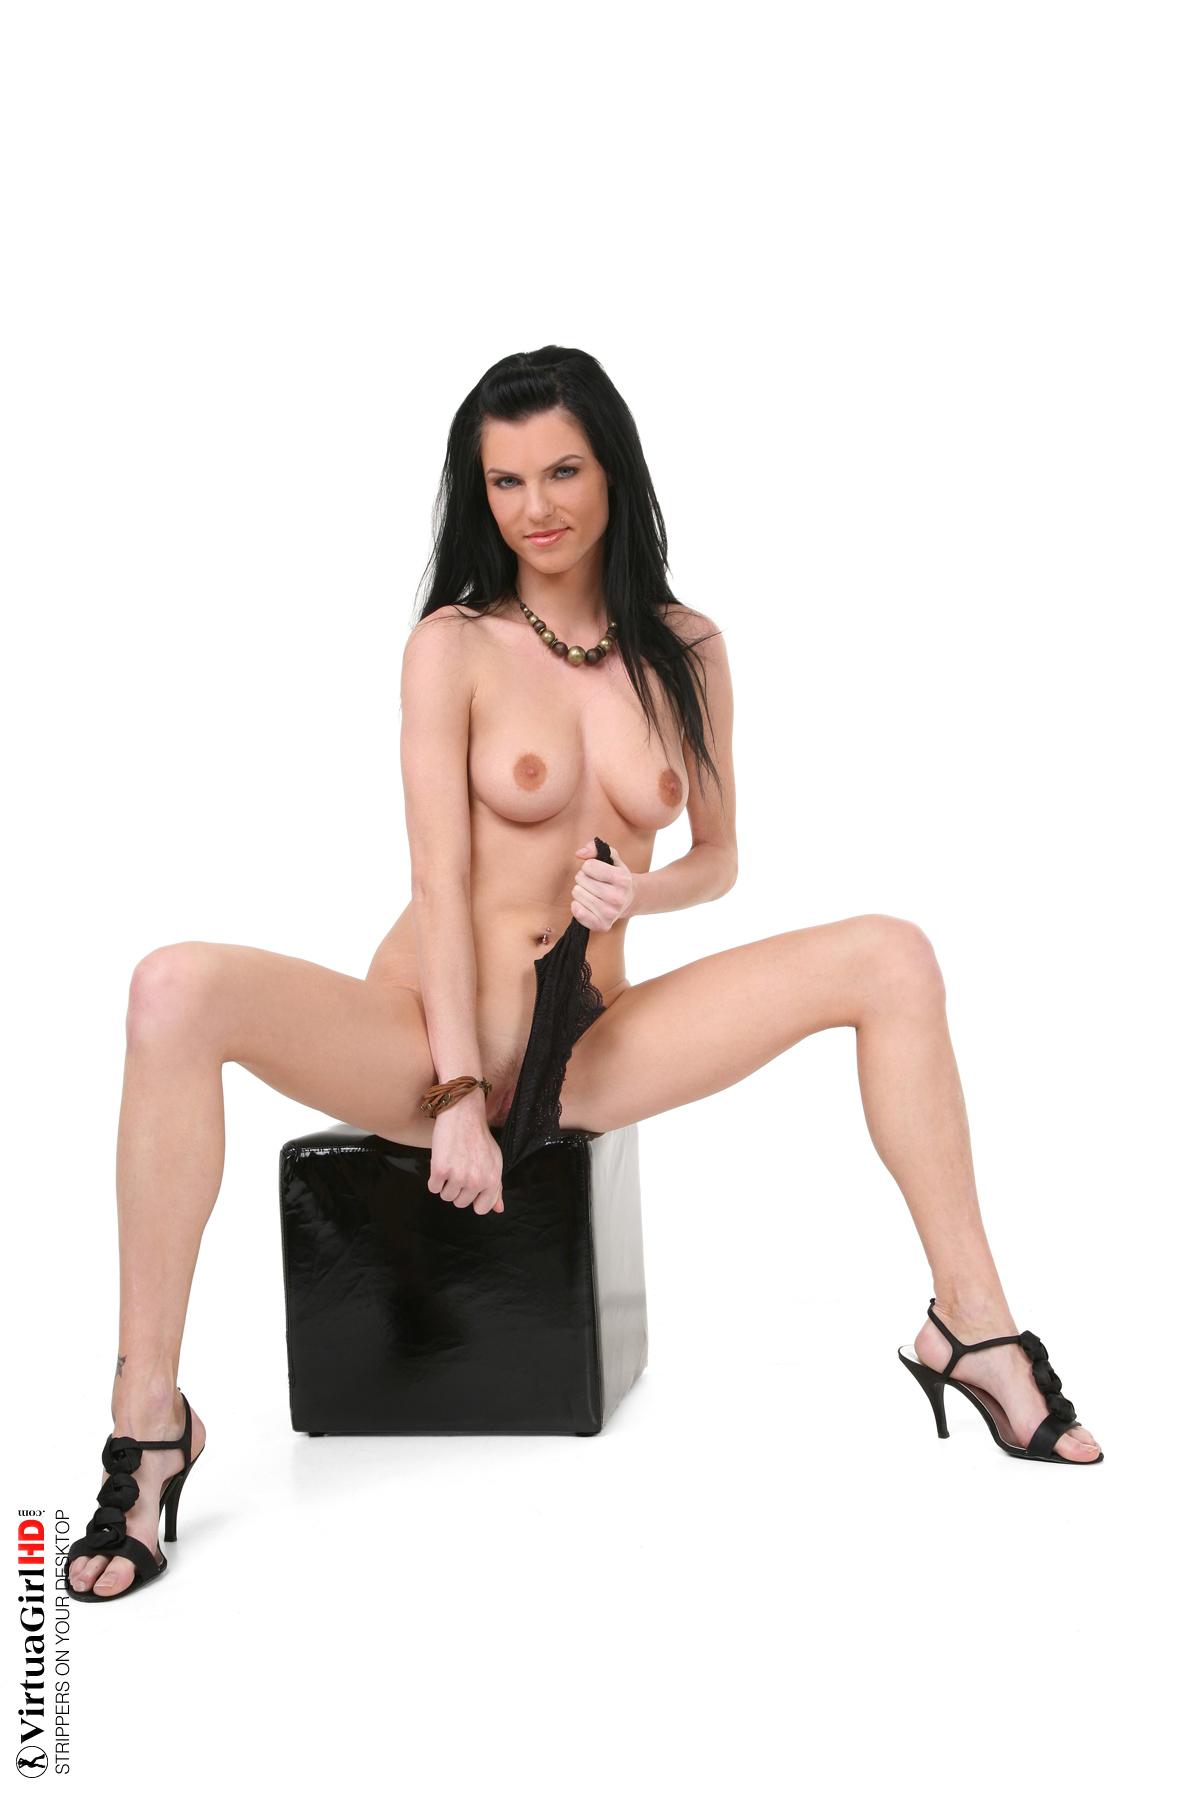 hot girl naked wallpaper